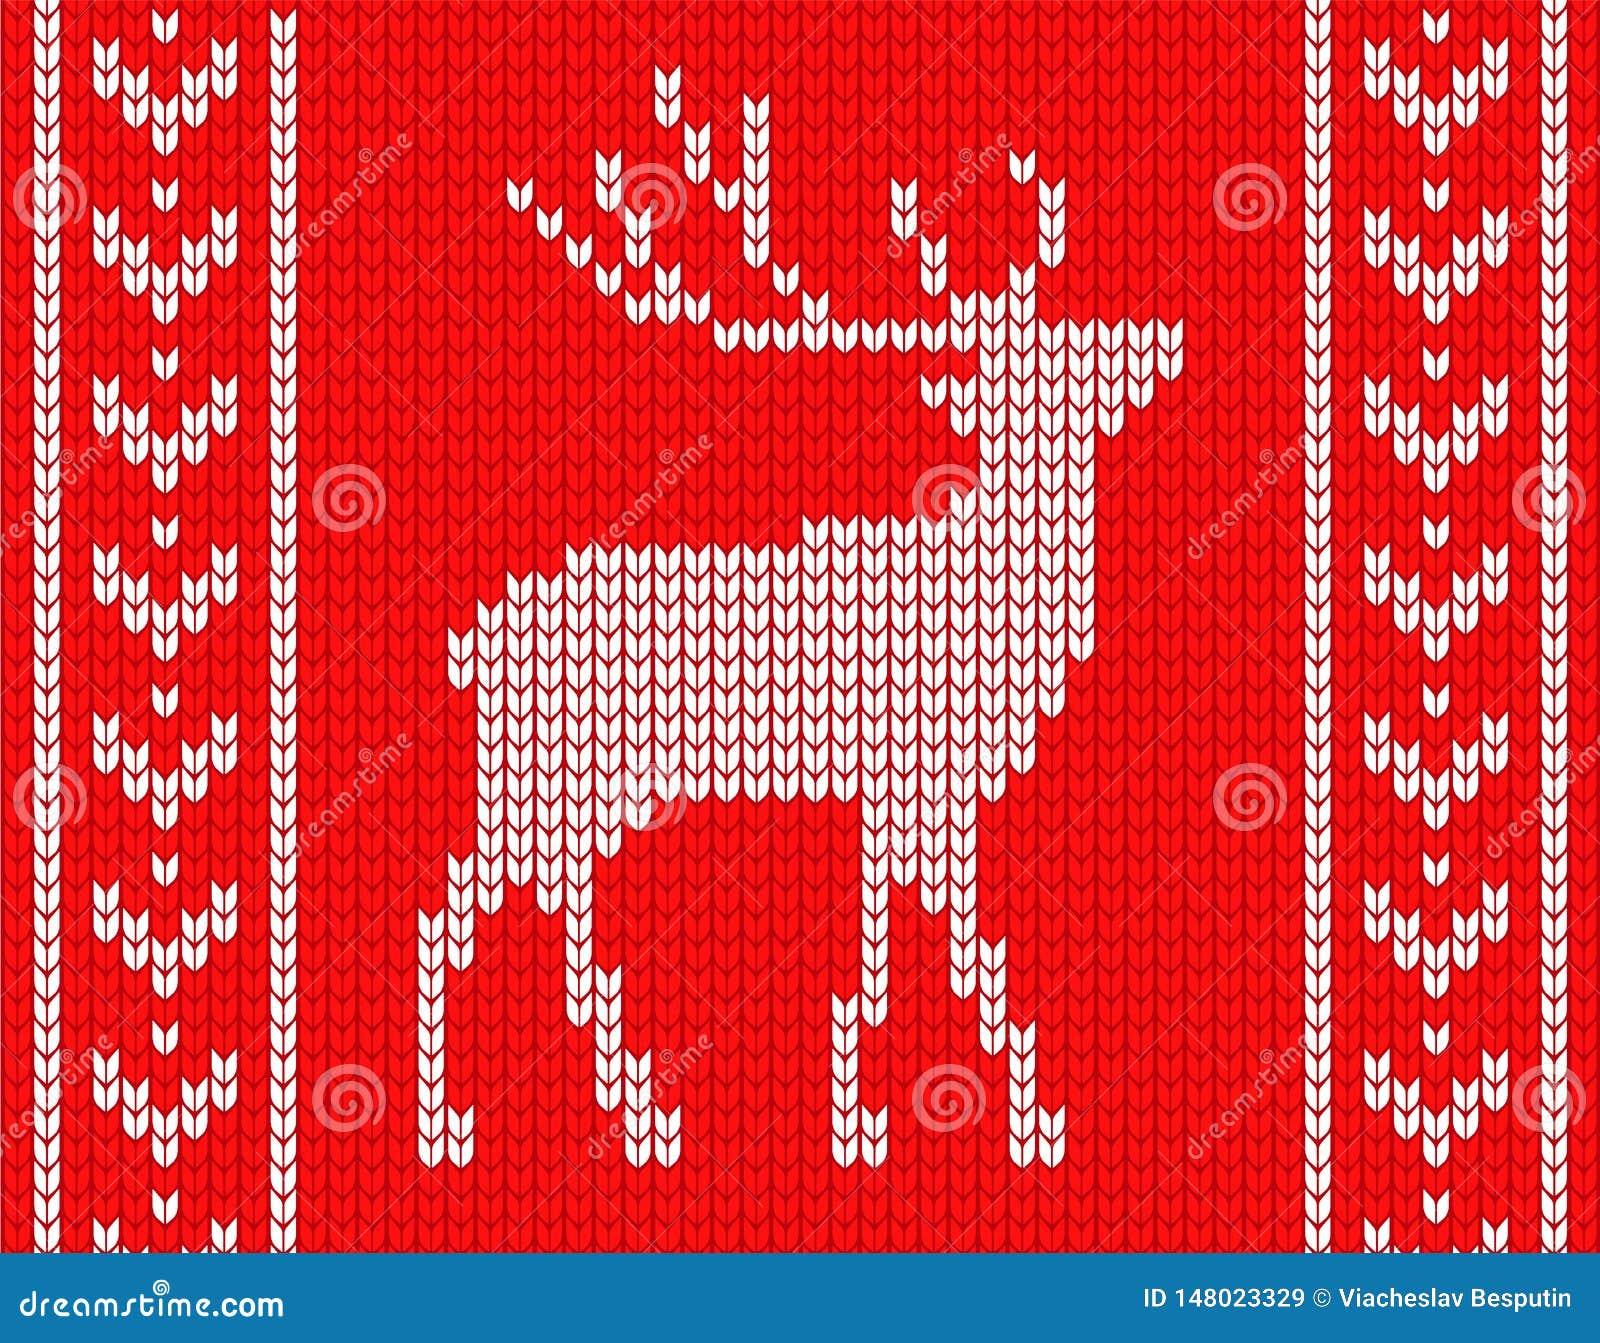 Πλεκτά ελάφια με τα σχέδια στις πλευρές στο ύφος του πλεκτού πουλόβερ